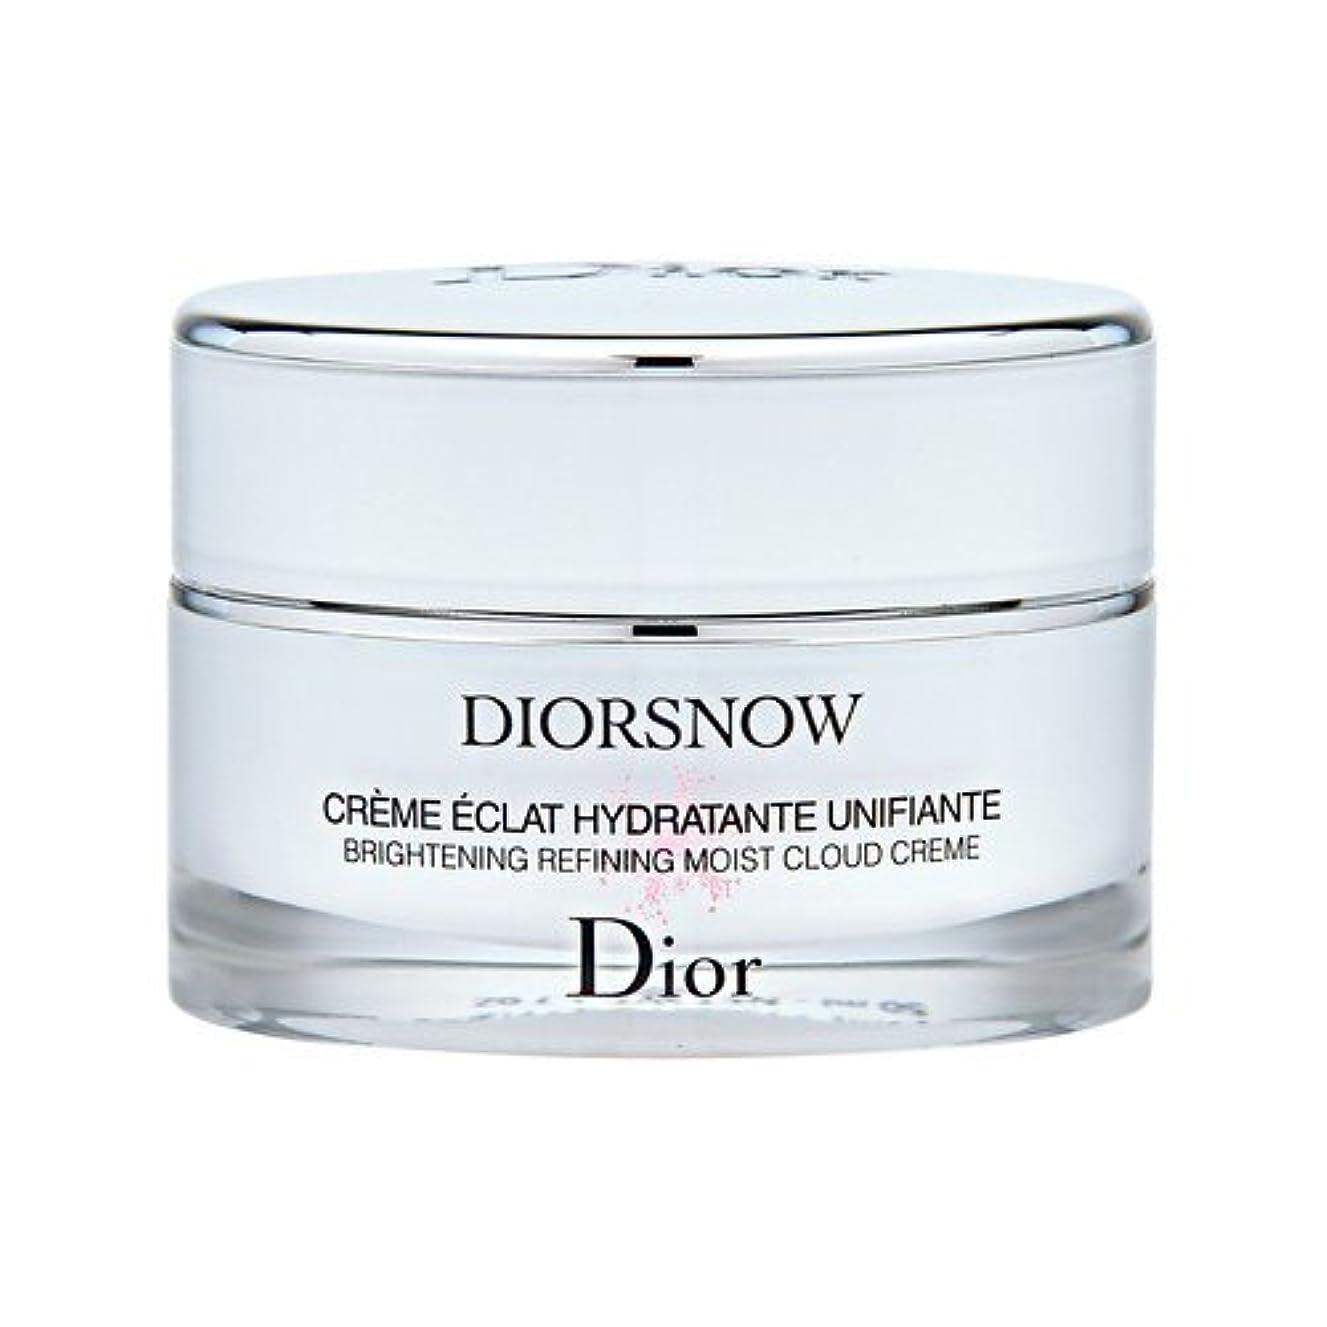 油グレー相関するクリスチャン ディオール(Christian Dior) スノー ブライトニング モイスト クリーム 50ml [並行輸入品]